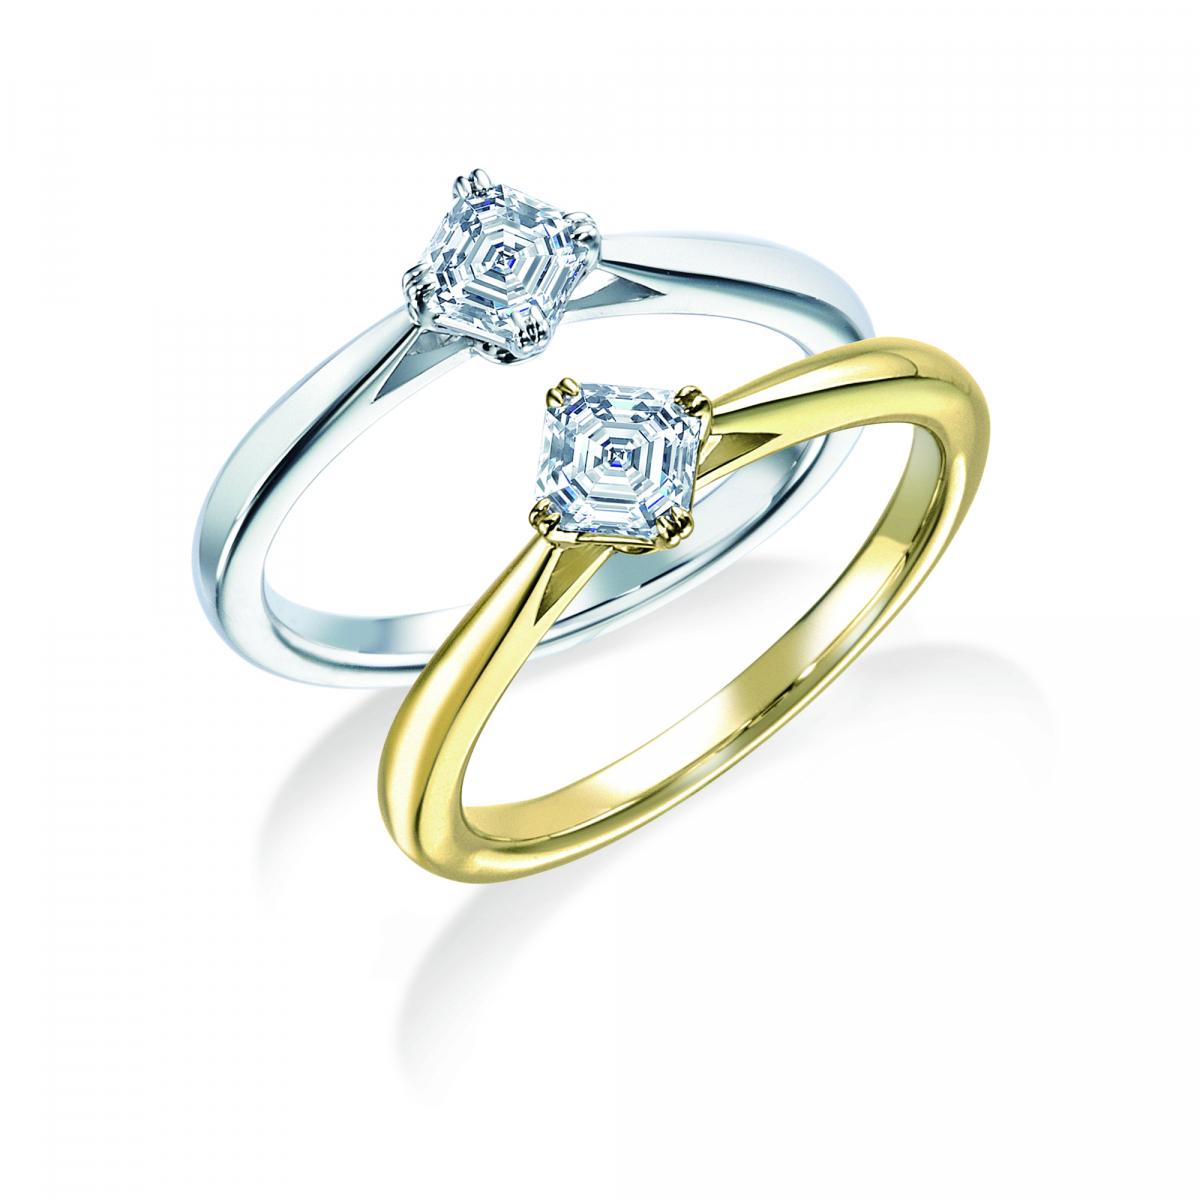 上から:リング(PT,ダイヤモンド0.0ct~)¥000,000~・リング(YG,ダイヤモンド0.0ct~)¥000,000~